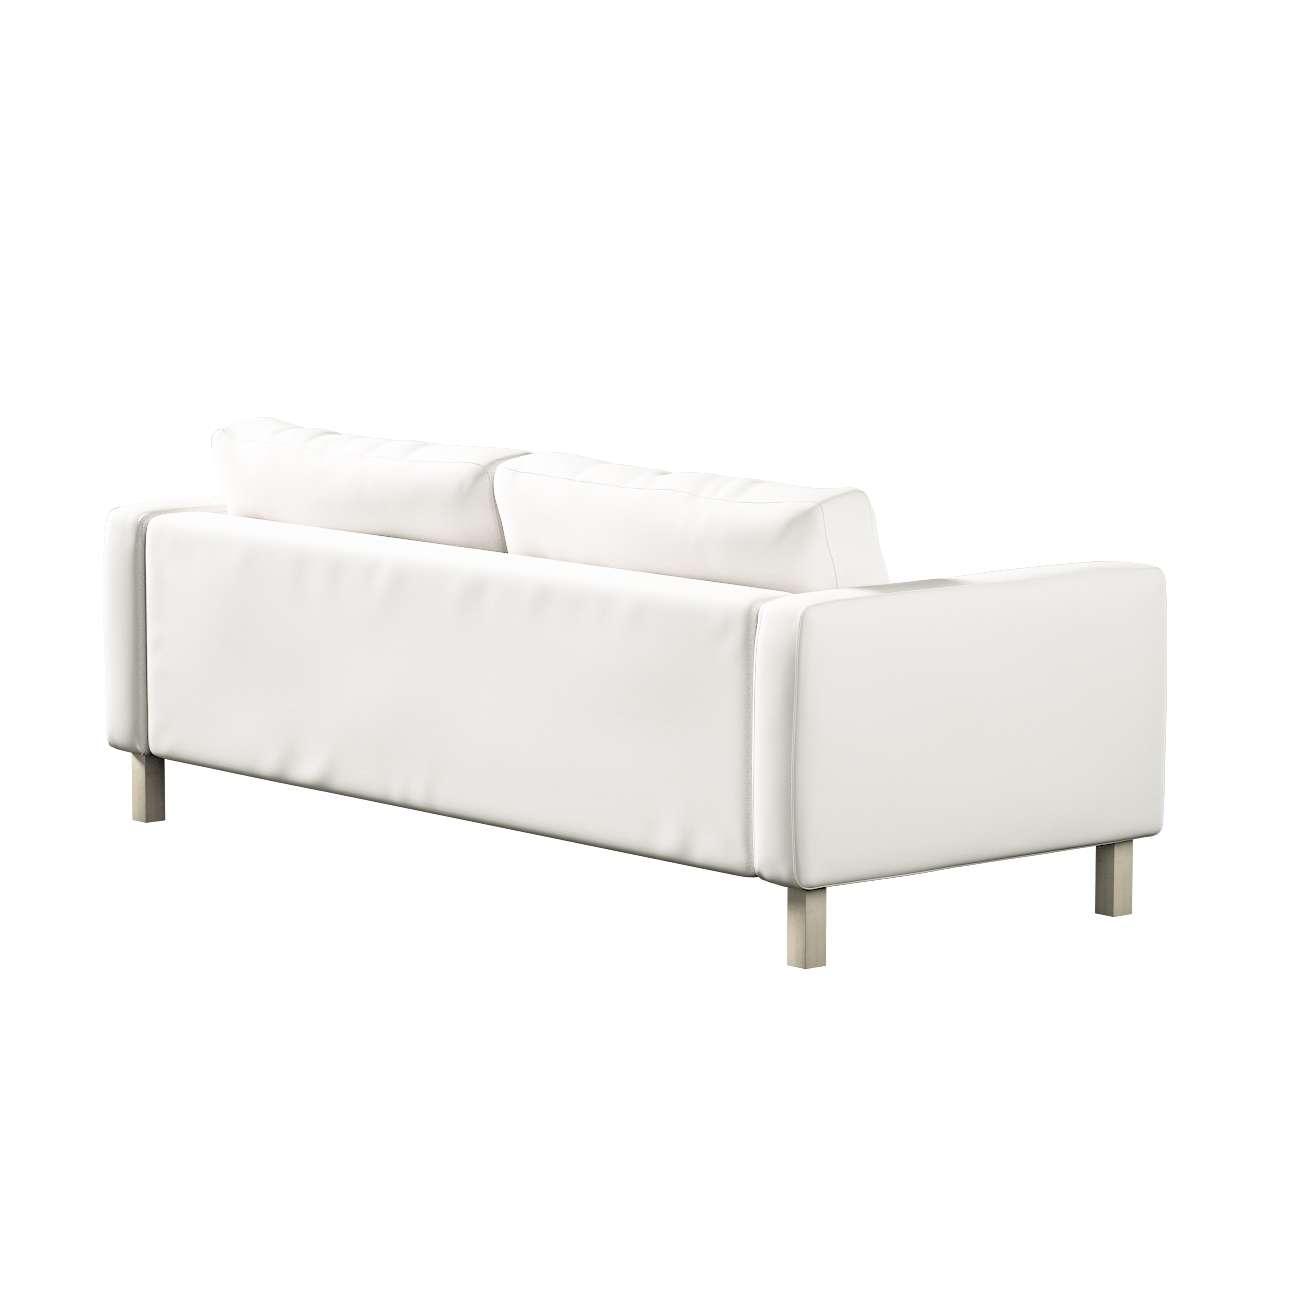 Pokrowiec na sofę Karlstad 3-osobową nierozkładaną, krótki w kolekcji Cotton Panama, tkanina: 702-34